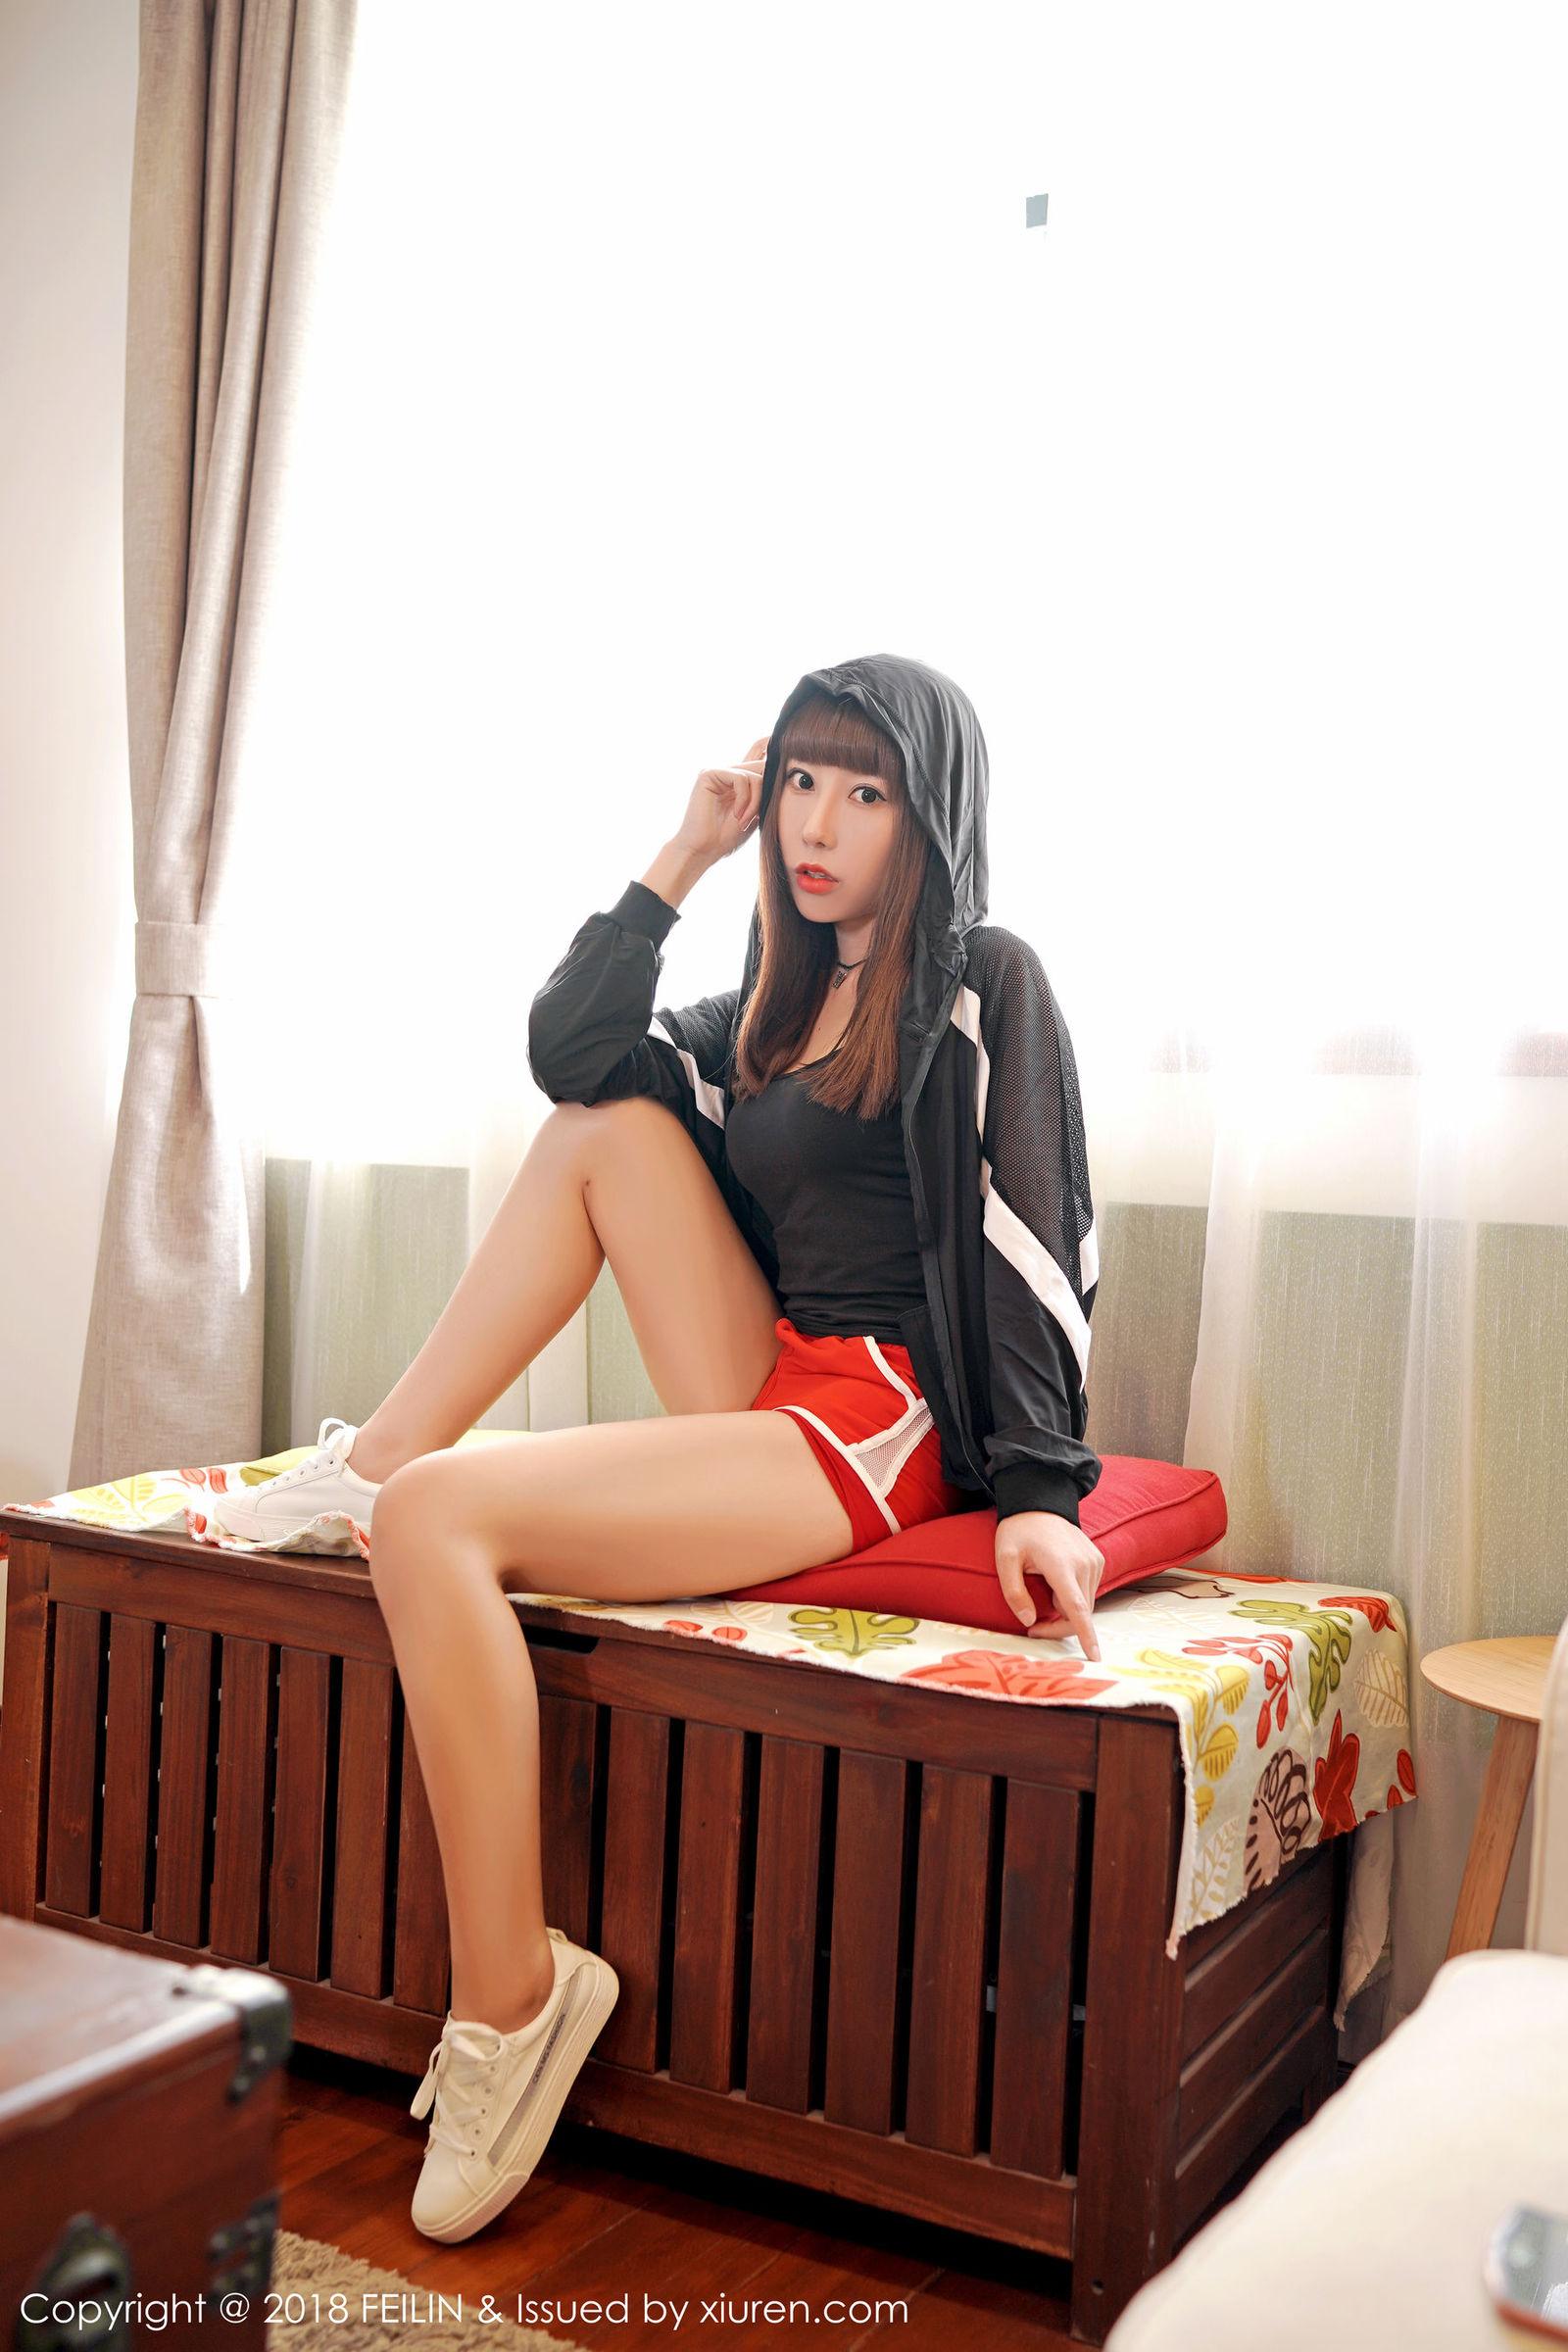 [FEILIN嗲囡囡] VOL.139 模特@夏笑笑Summer最新性感私房丝袜美图[38P]